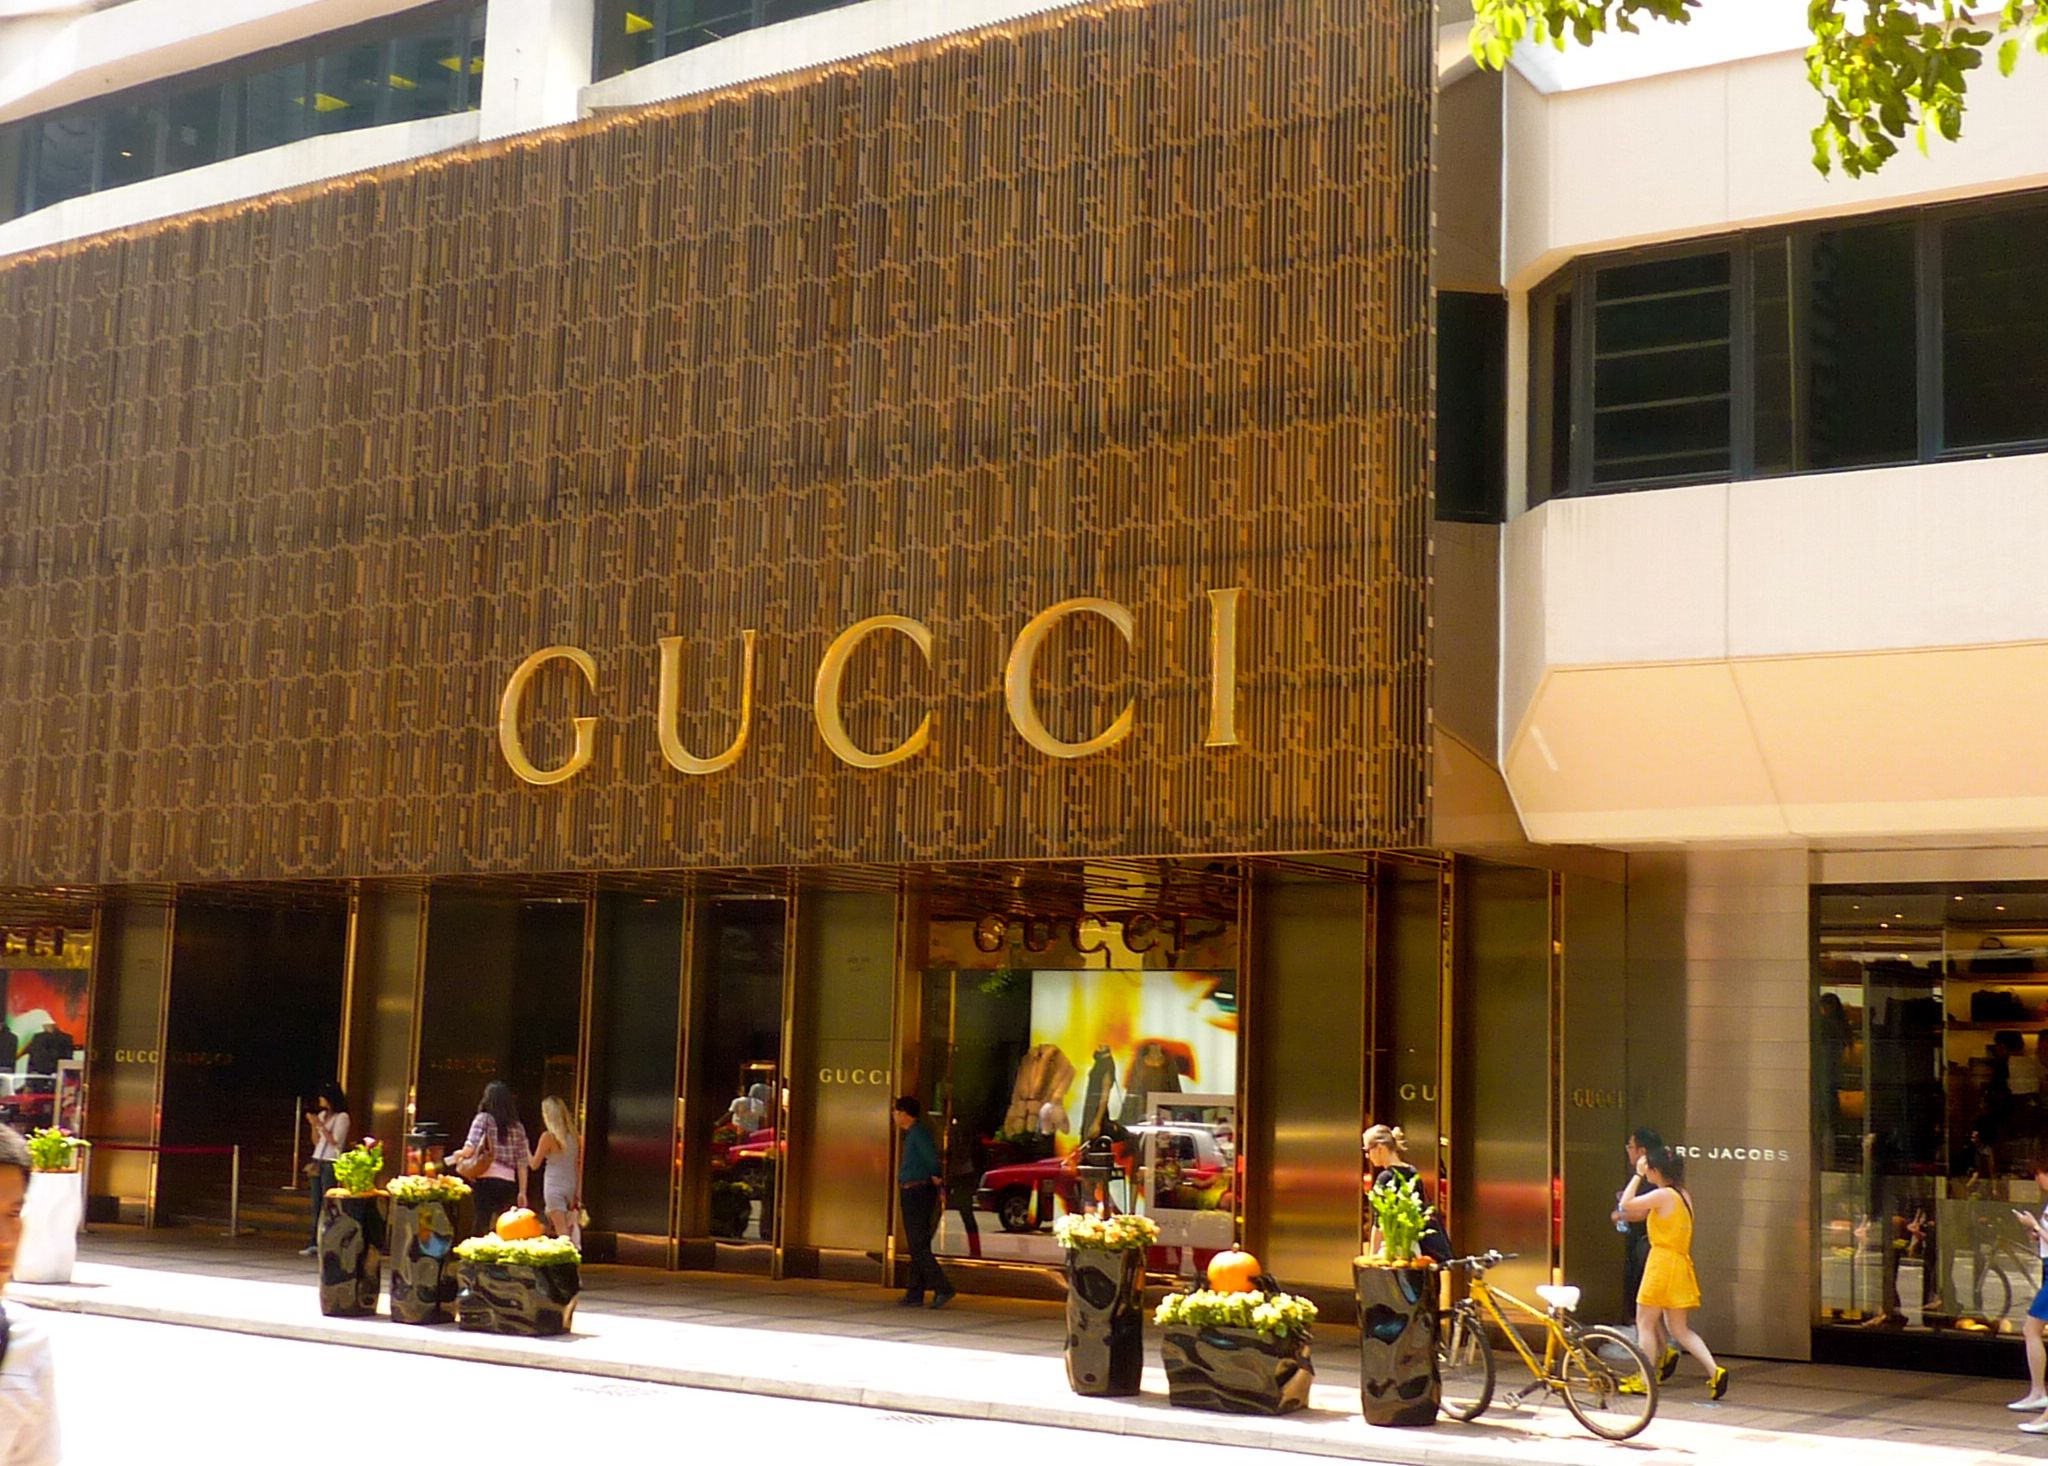 Gucci store lenox mall